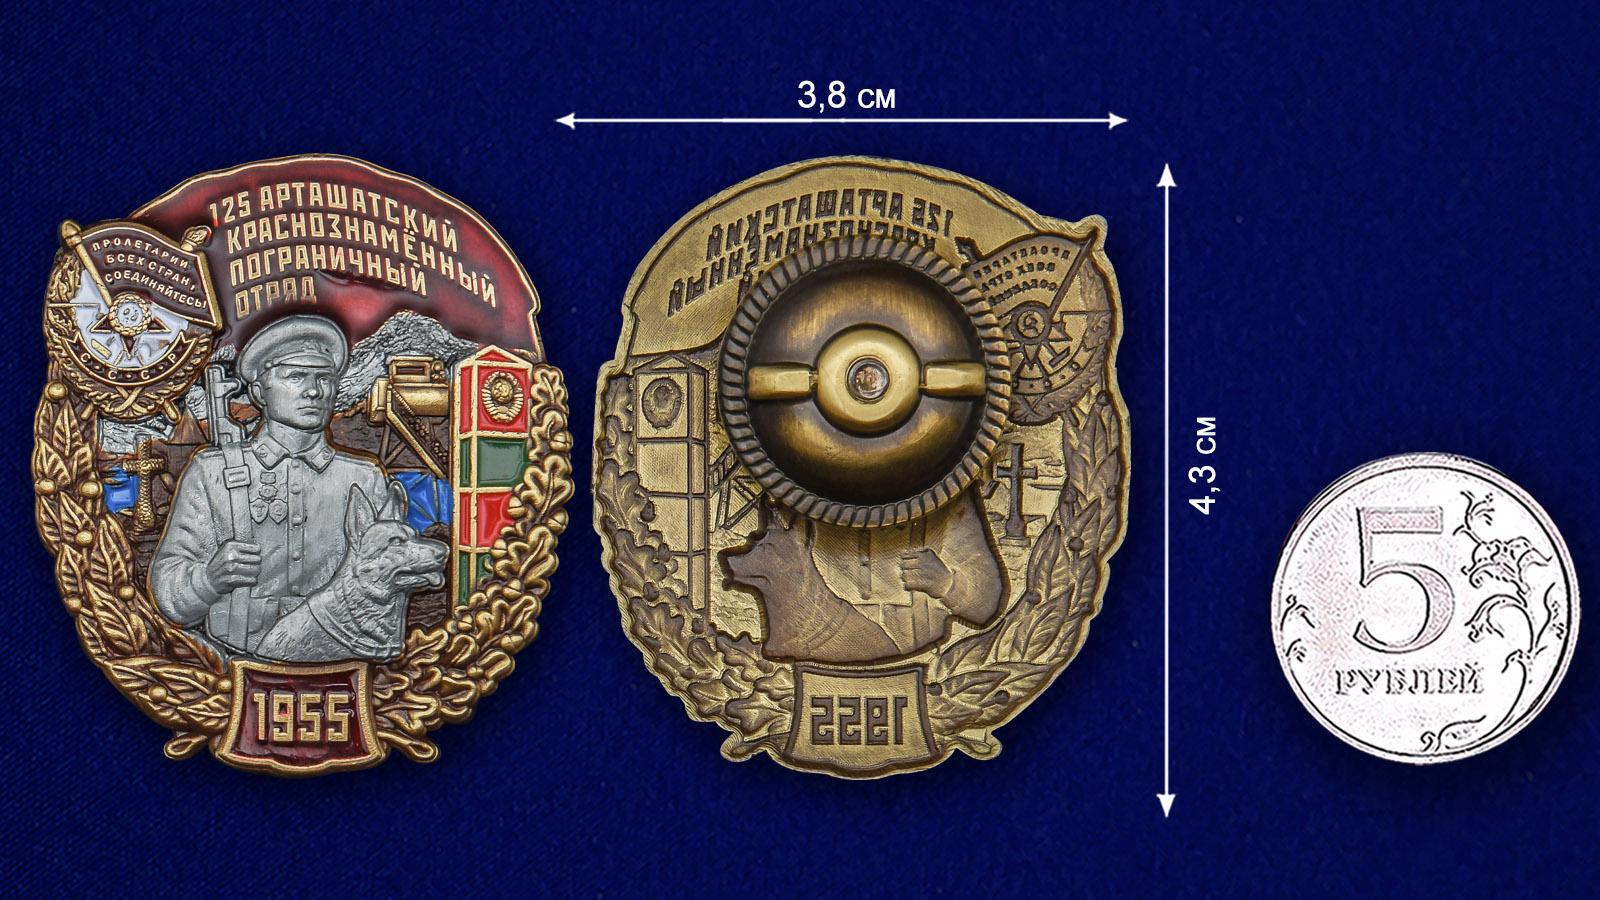 Знак 125 Арташатский Краснознамённый Пограничный отряд - размер